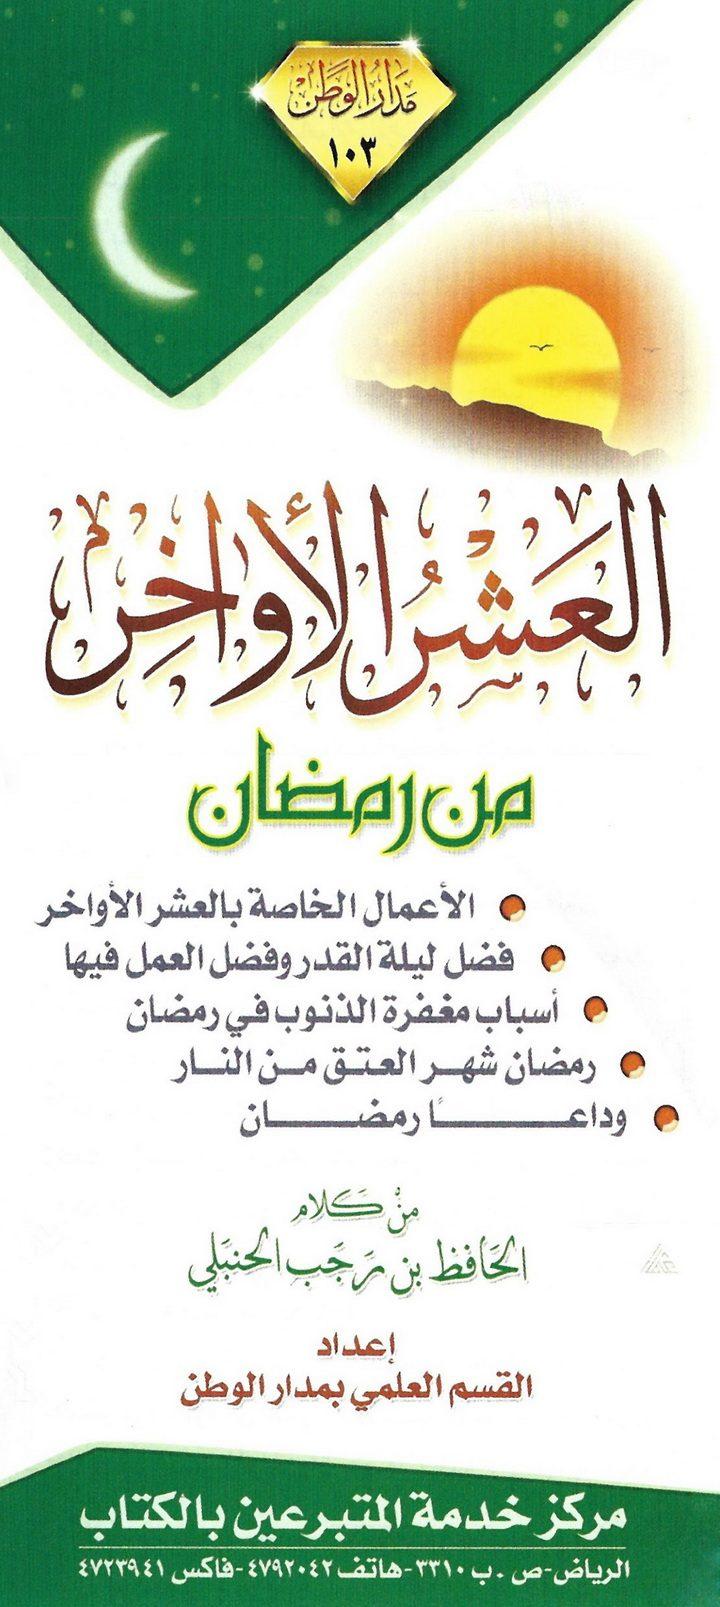 العشر الأواخر من رمضان (الحافظ بن رجب الحنبلي – مدار الوطن)